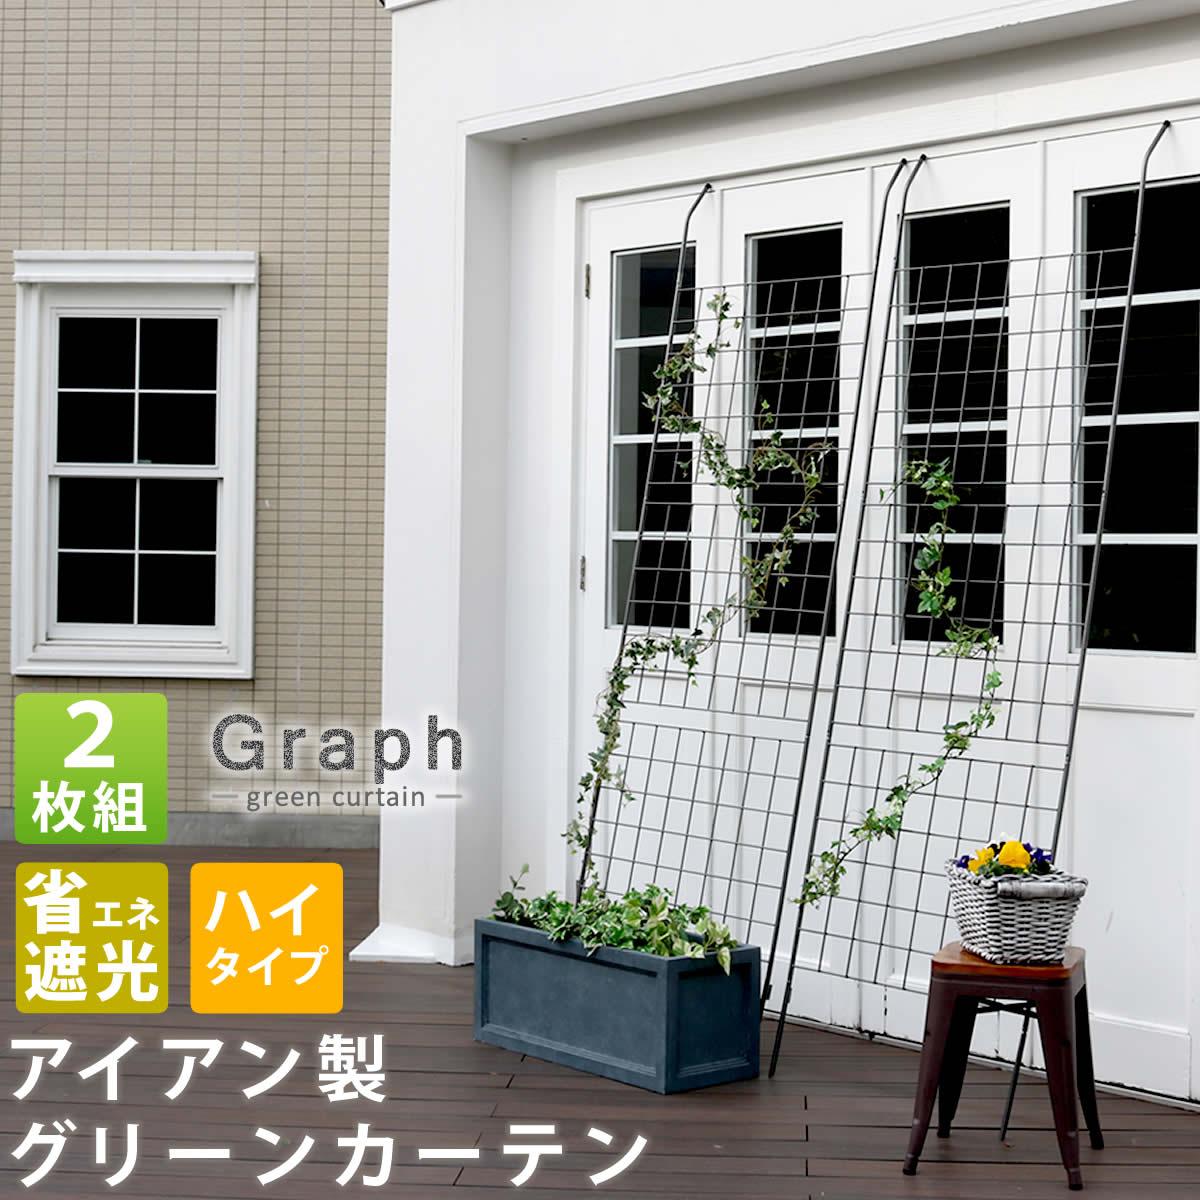 ガーデン アイアン製グリーンカーテン Graph(グラフ)2枚組 グリーンフェンス 緑のカーテン 目隠し グリーンカーテン 目隠しフェンス ベランダ 葉っぱ グリーン 窓 カーテン 日よけ ガーデン 日除け 造花 ifgc014-2p-slv